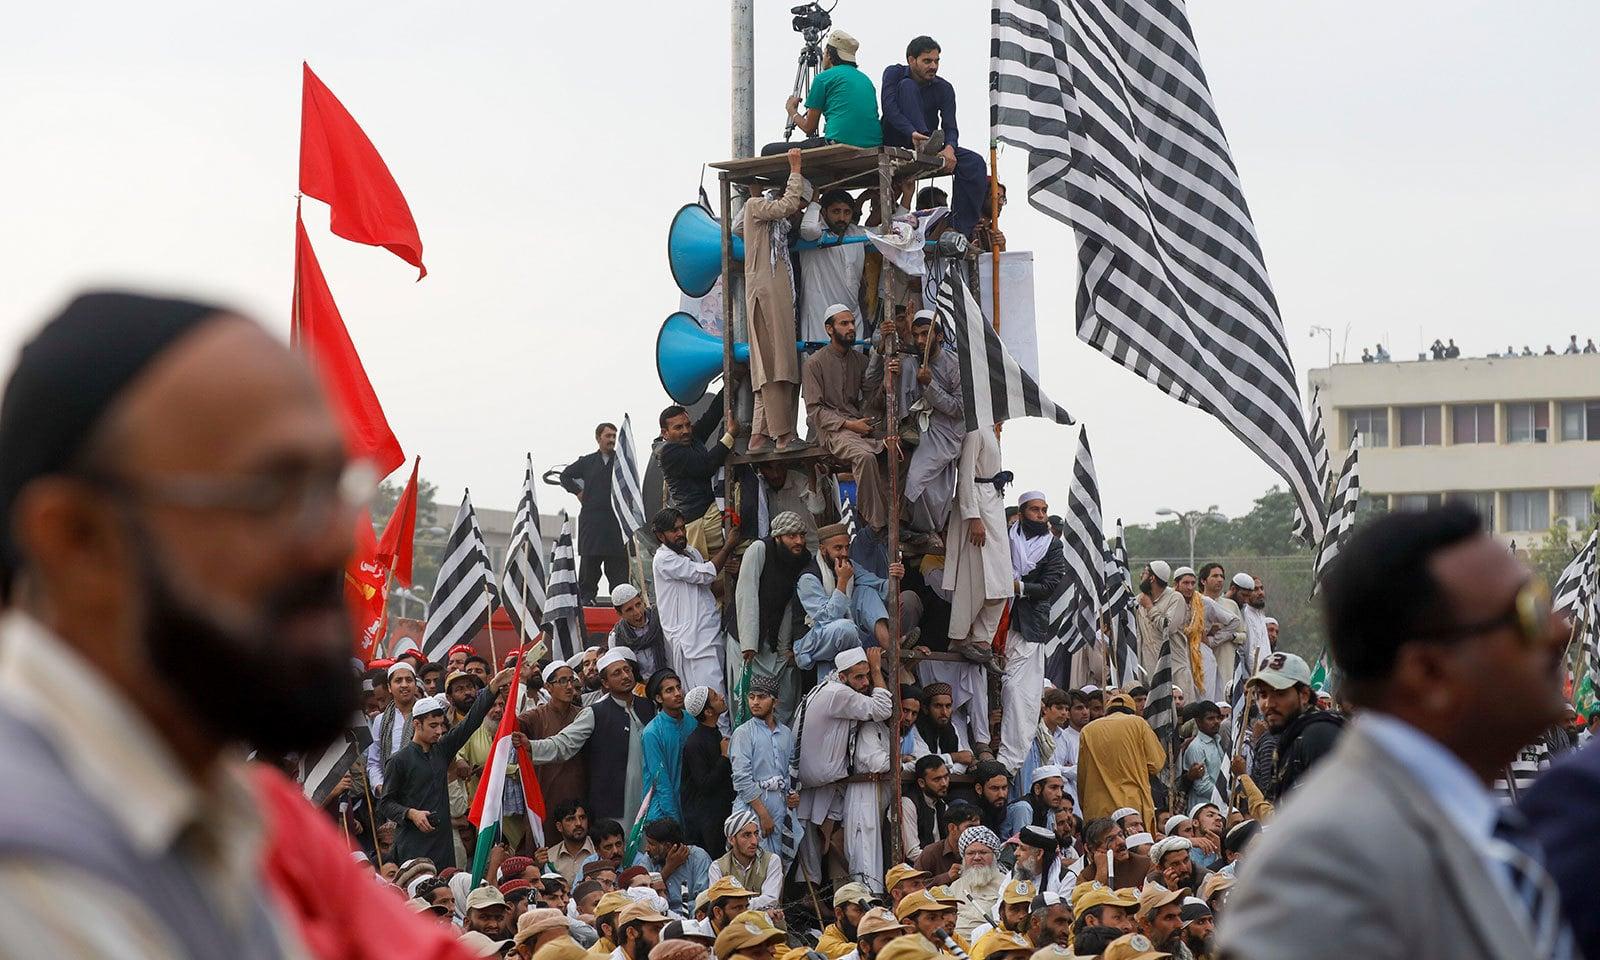 اسلام آباد آزادی مارچ میں اپوزیشن جماعتوں کے کارکن شامل ہیں—فوٹو:رائٹرز